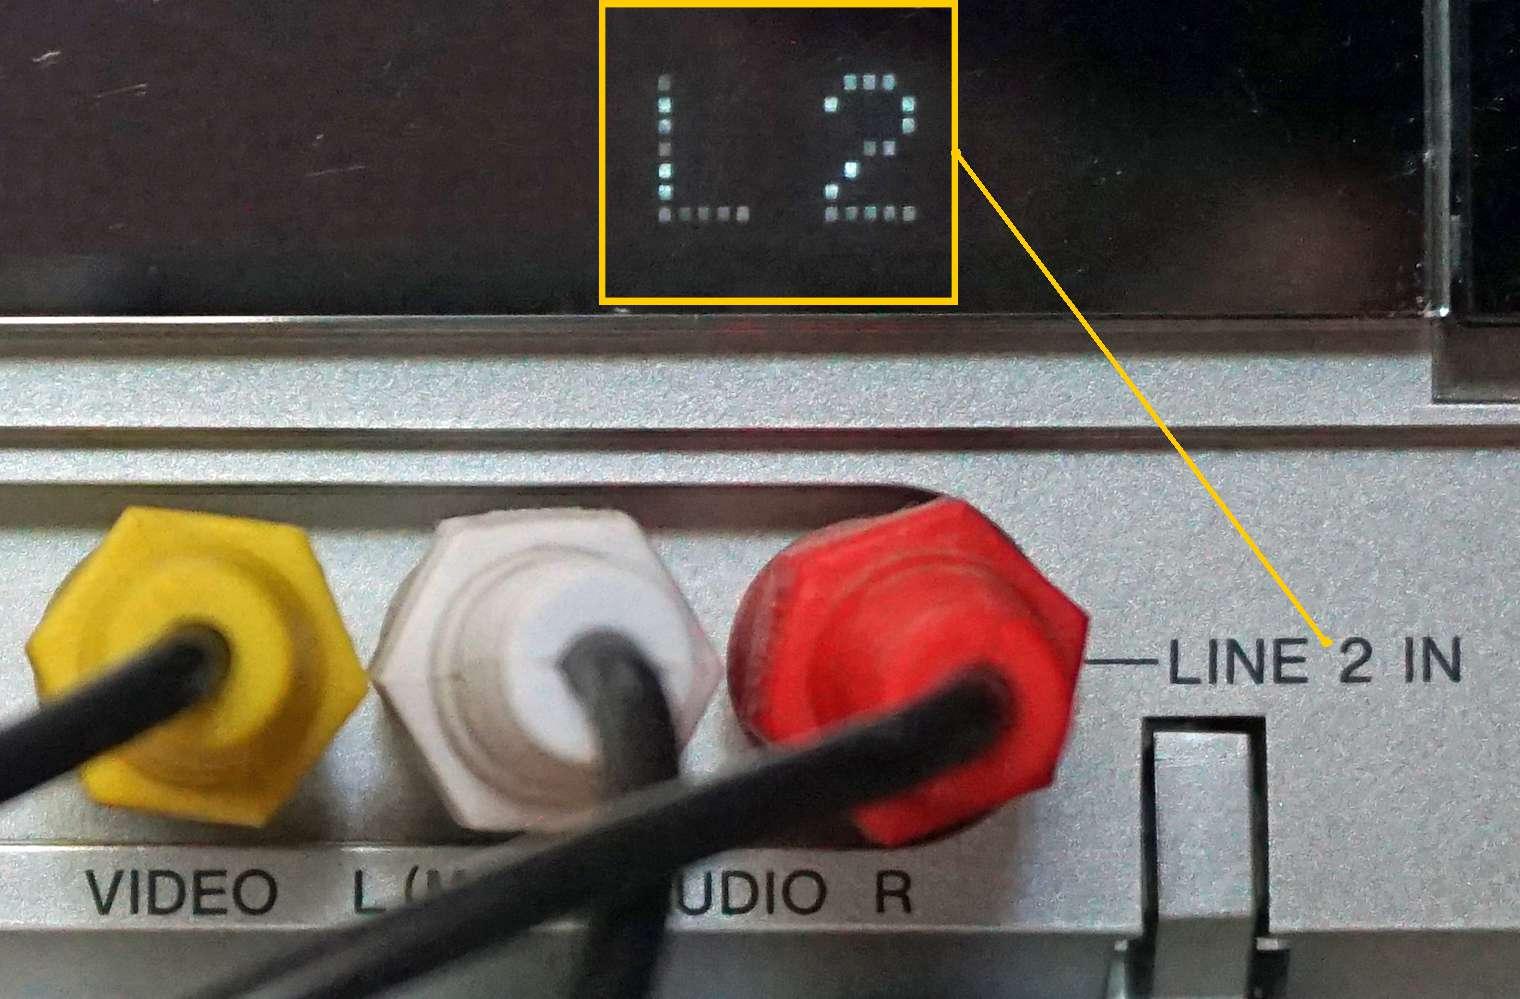 DVD Recorder AV Line Input Example